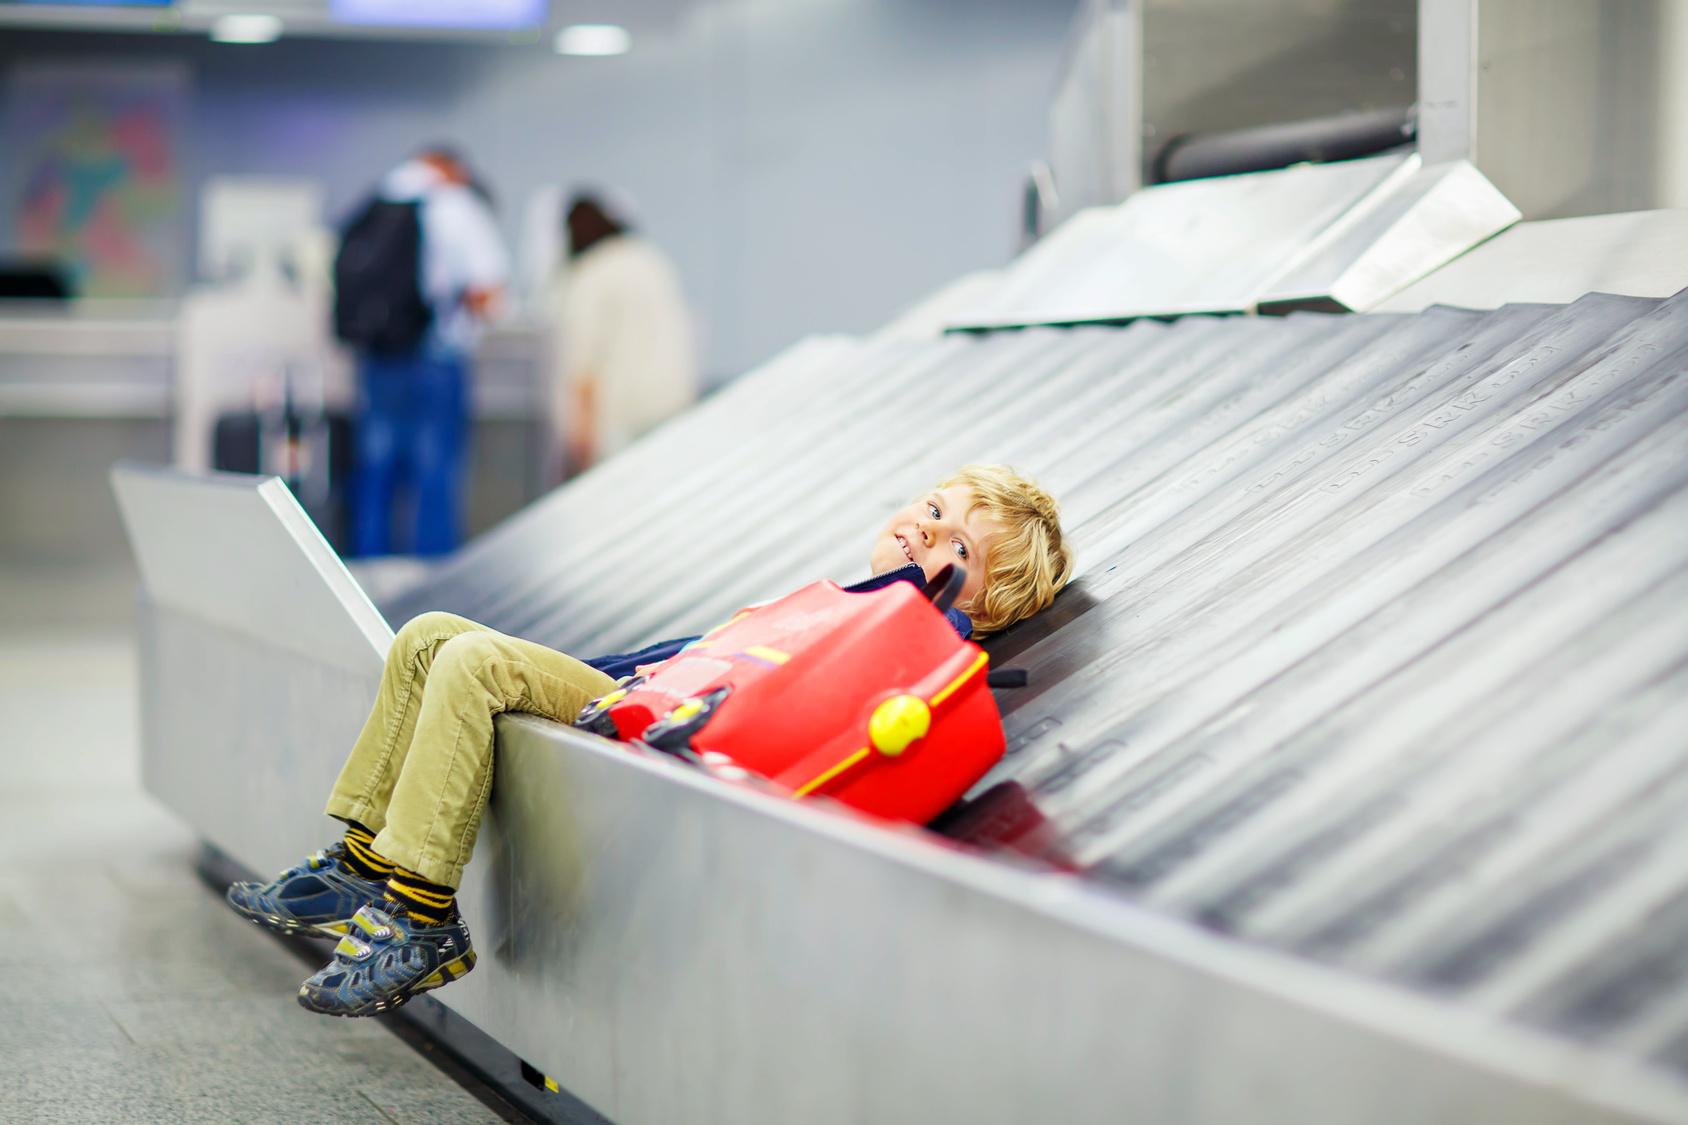 les demarches d'indemnisation pour un bagage perdu